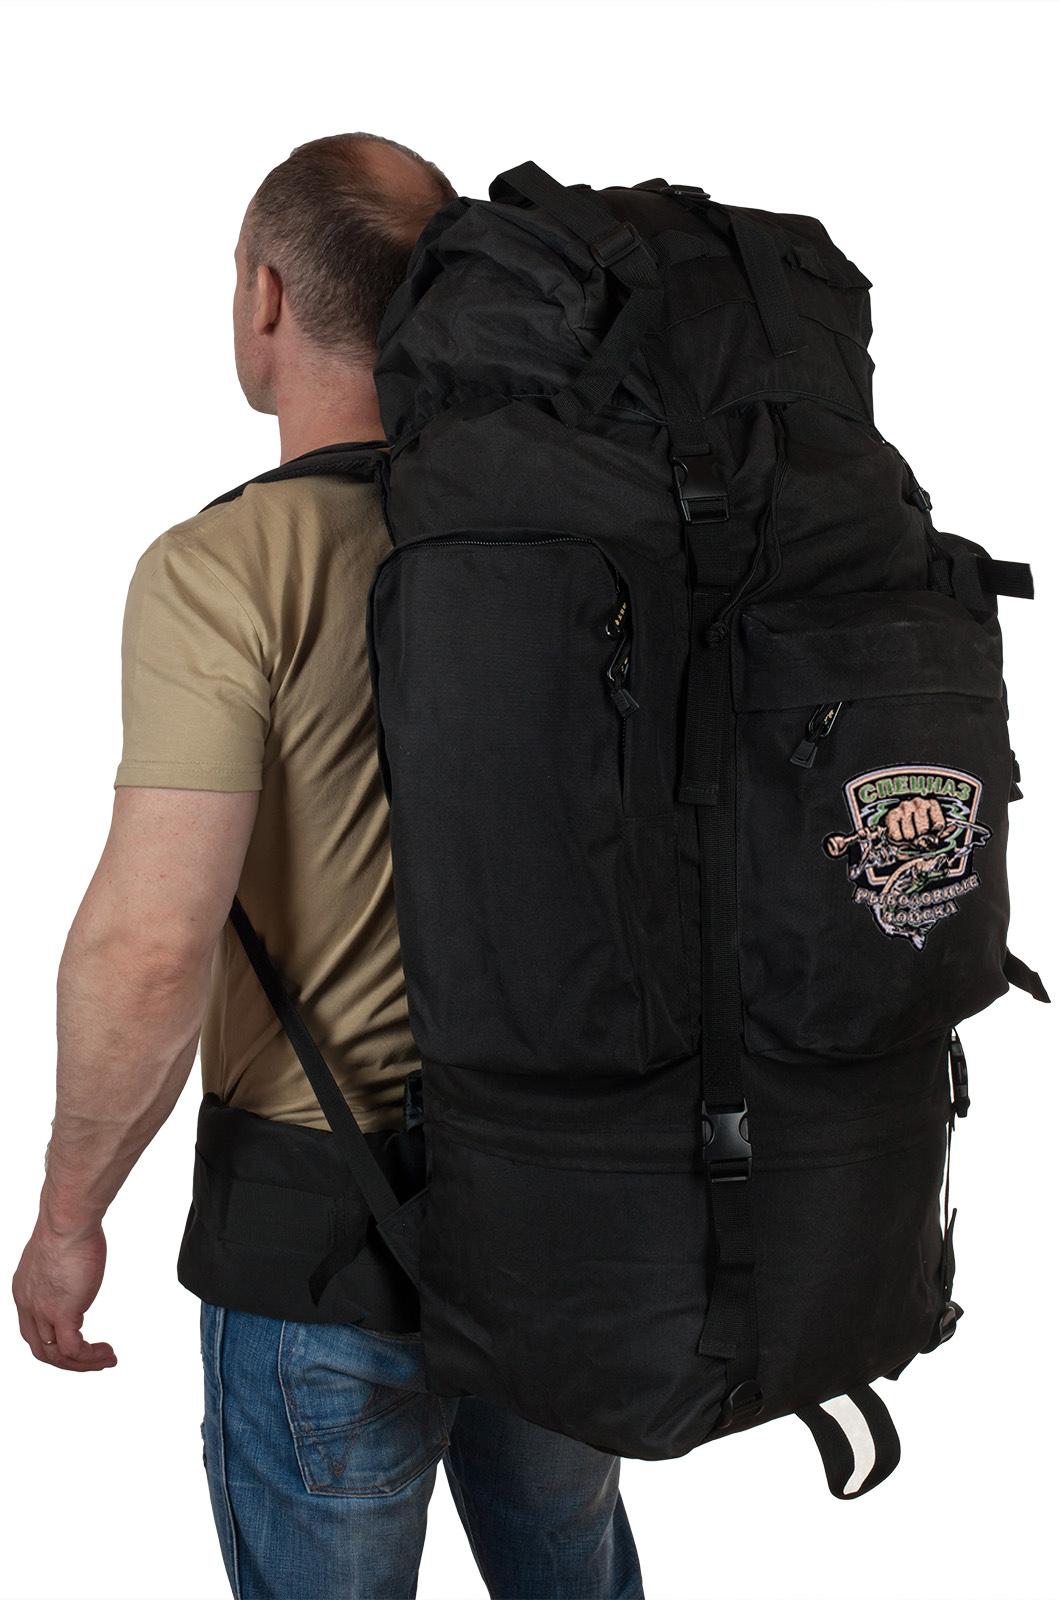 Большой многодневный рюкзак с рыбацкой нашивкой купить выгодно